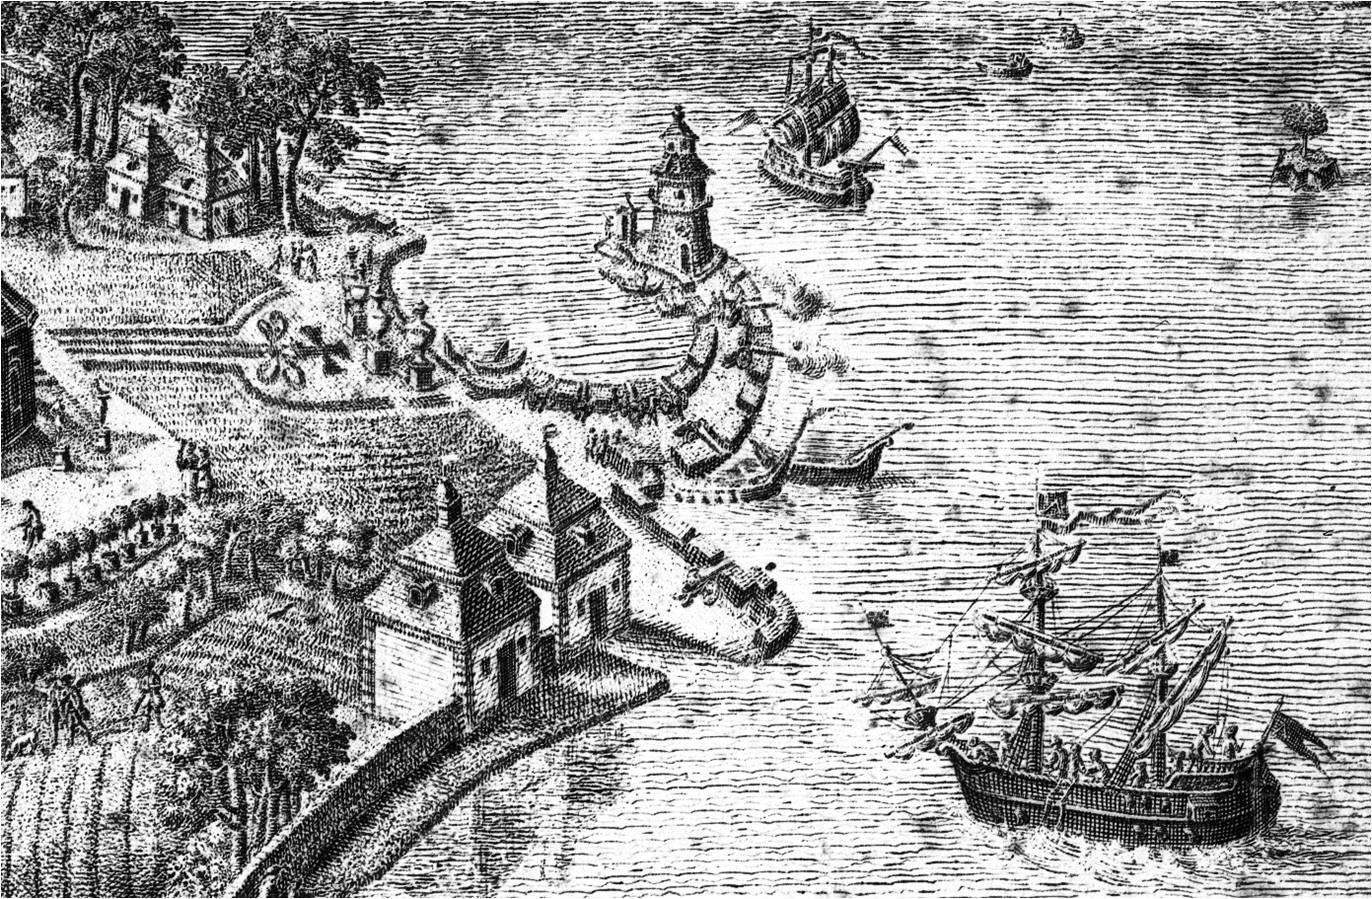 """Leuchtturm und Mole mit Kanonen, Ausschnitt aus dem Kupferstich """"Die Fasanerie zu Moritzburg"""" von J.C. Malcke um 1776 (c) Schlösserland Sachsen"""